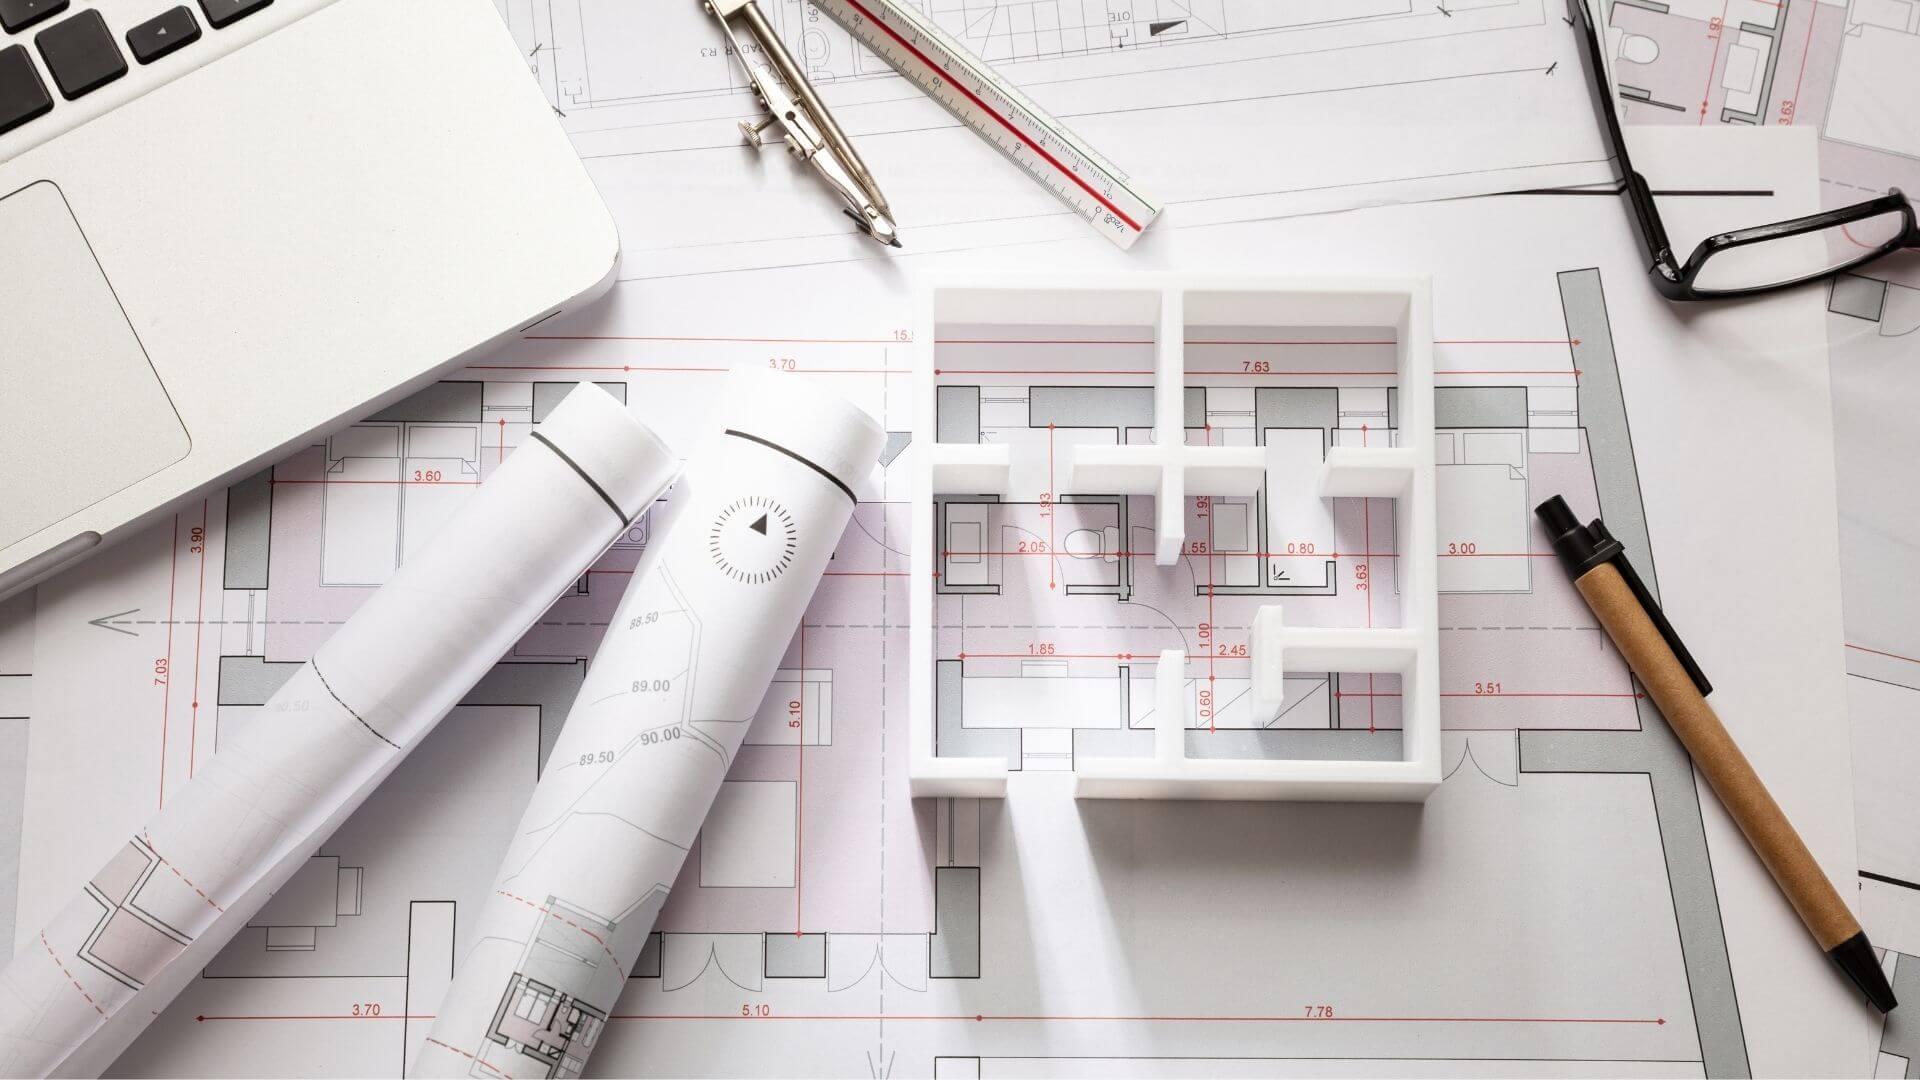 Nacrt građevinskog koncepta